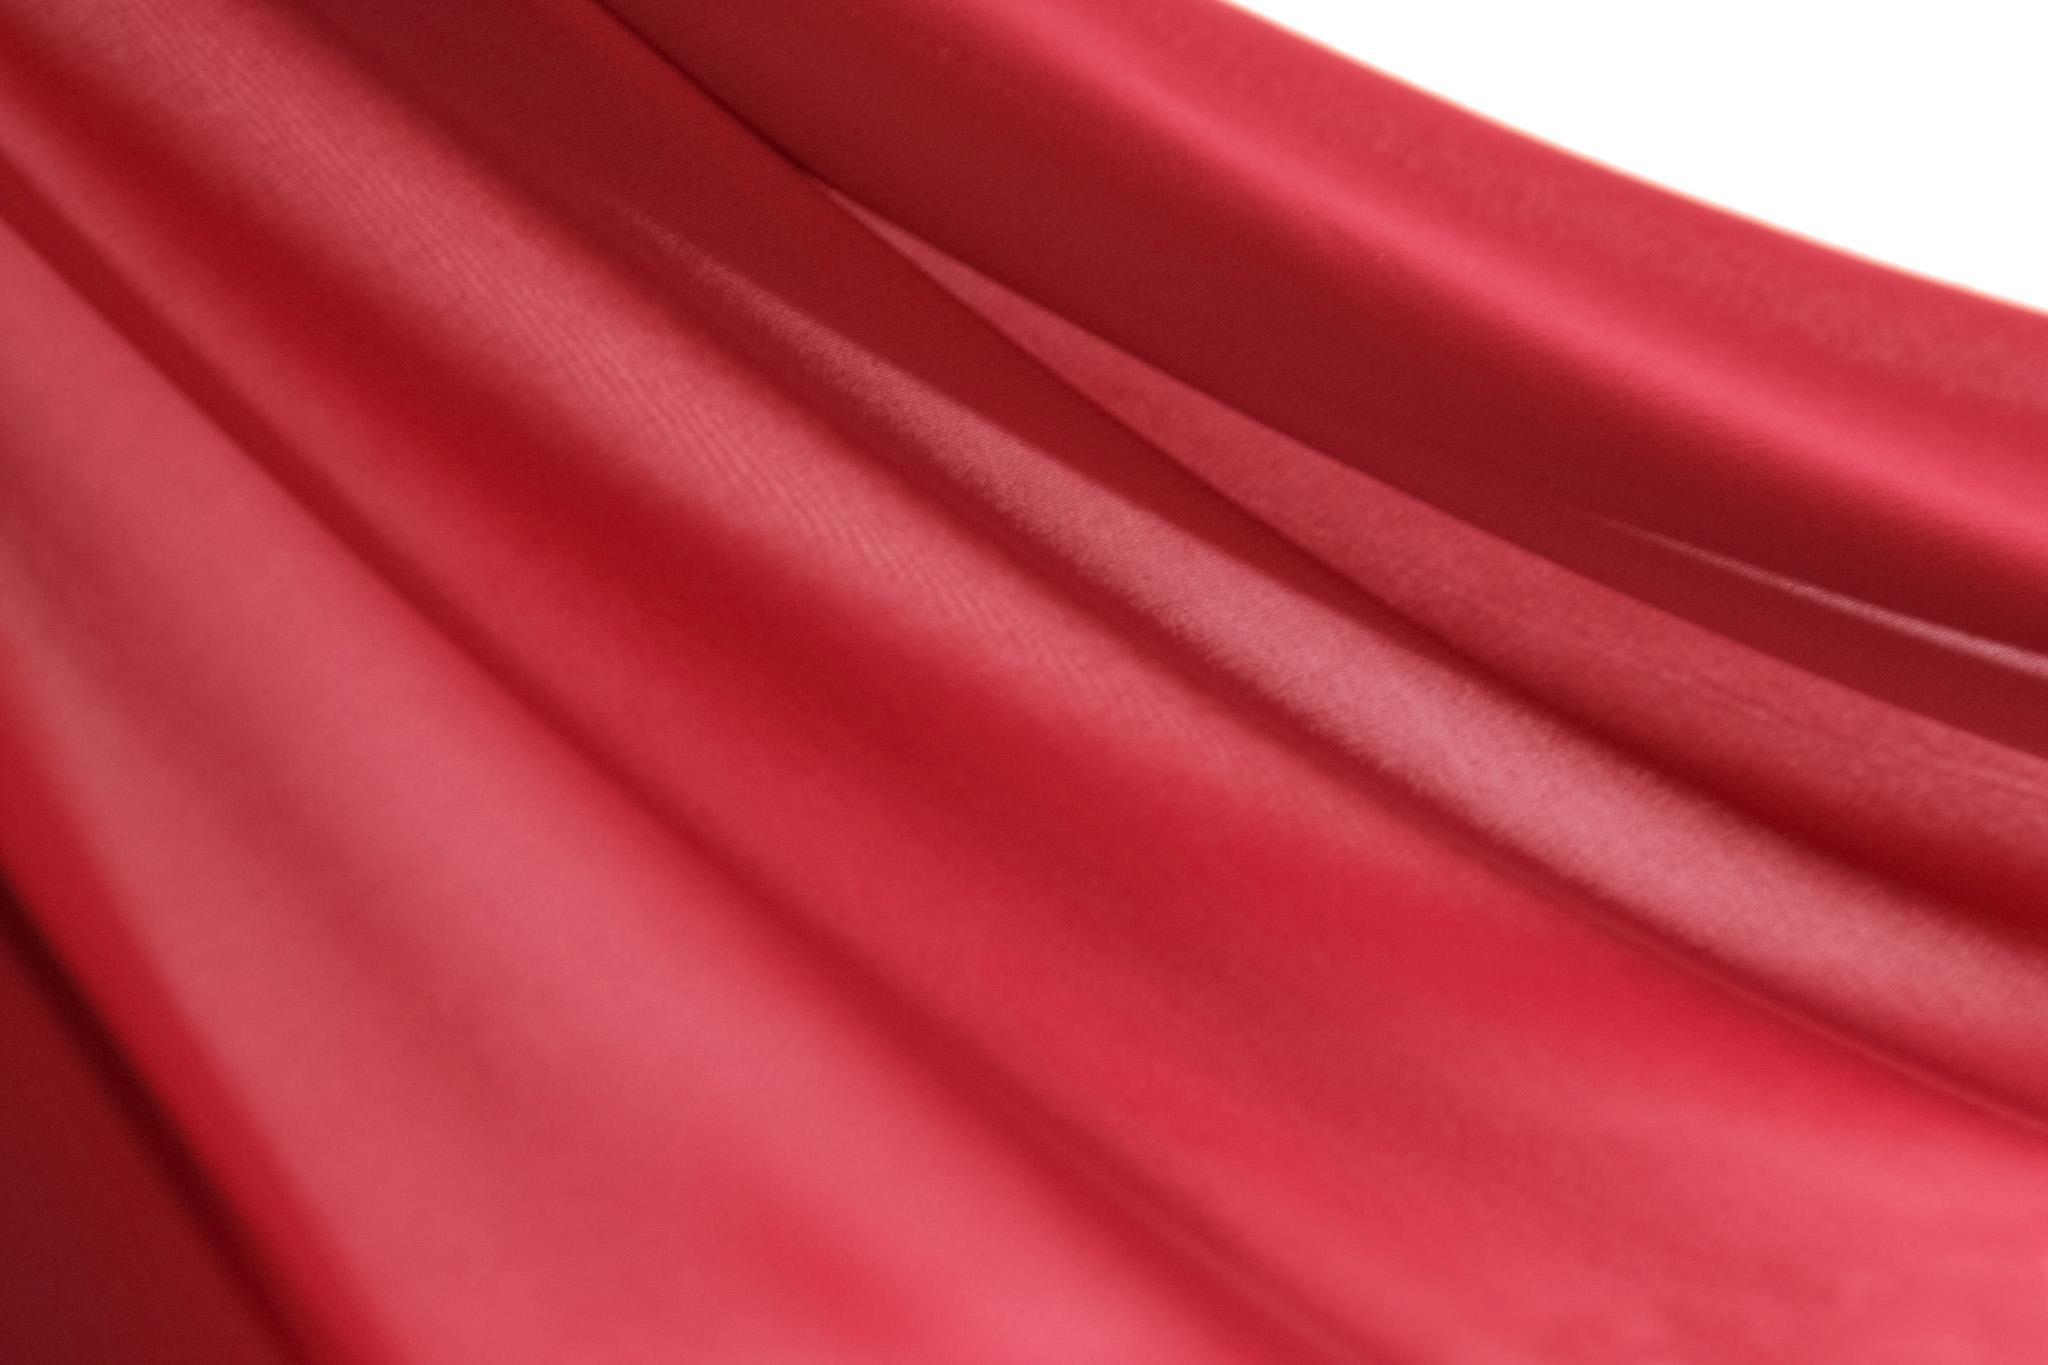 「波打つ様なシワがある赤の布地」